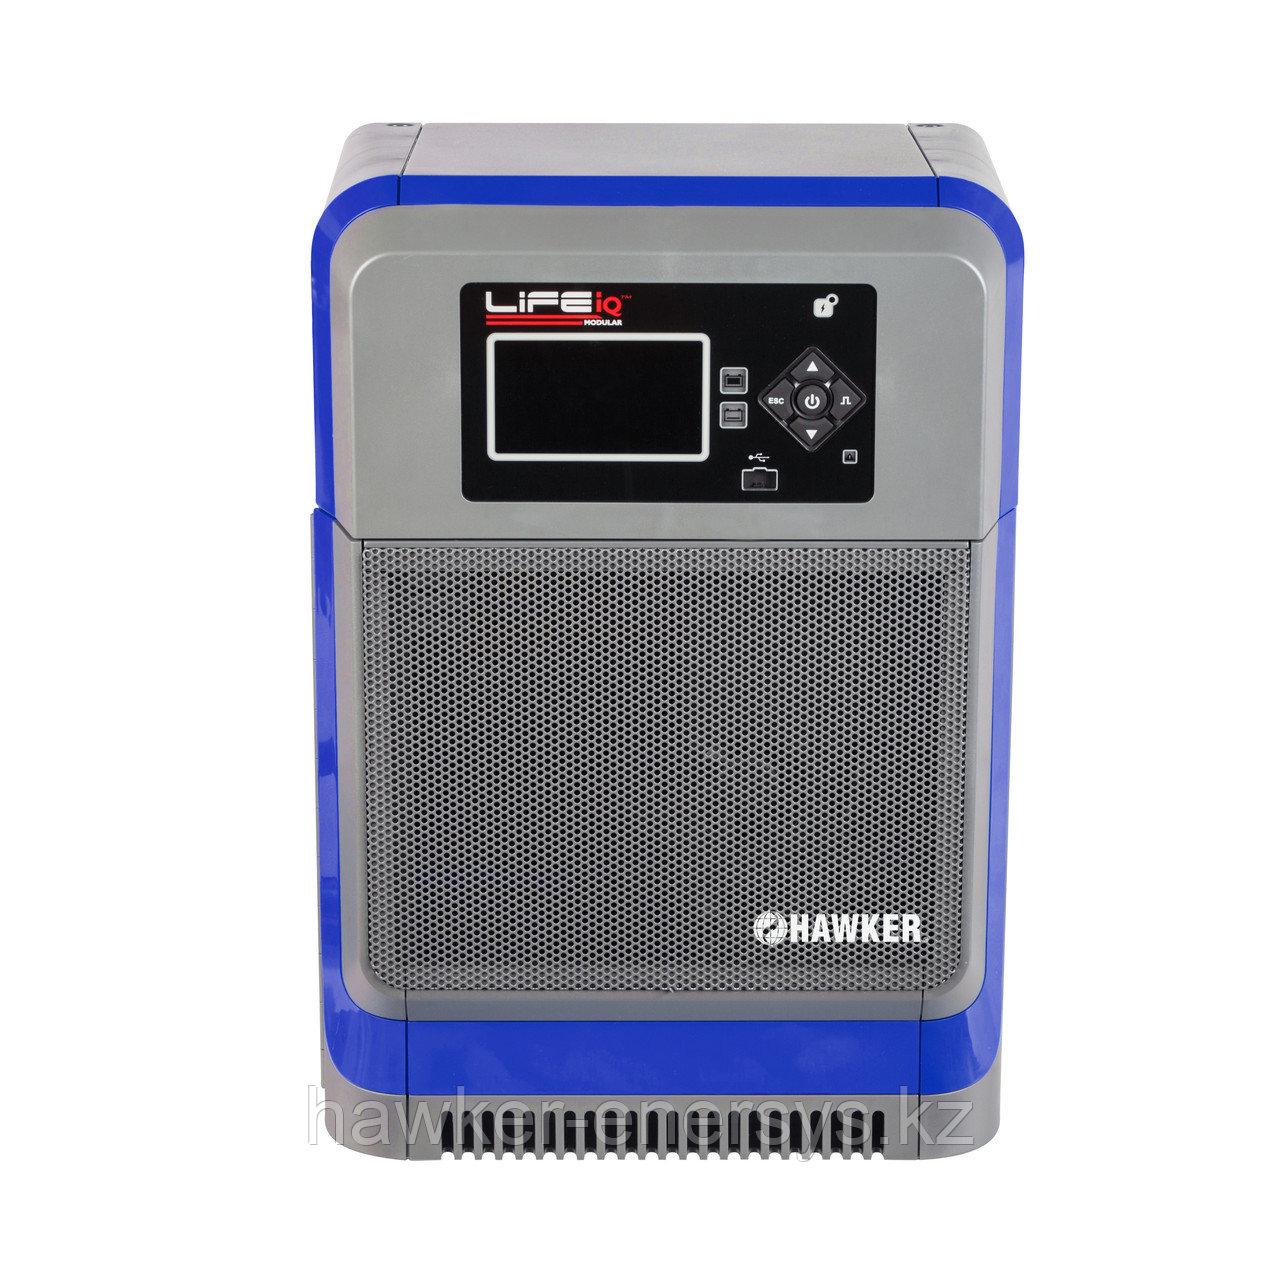 Модульное зарядное устройство HAWKER LIFE IQ 10,5 KW